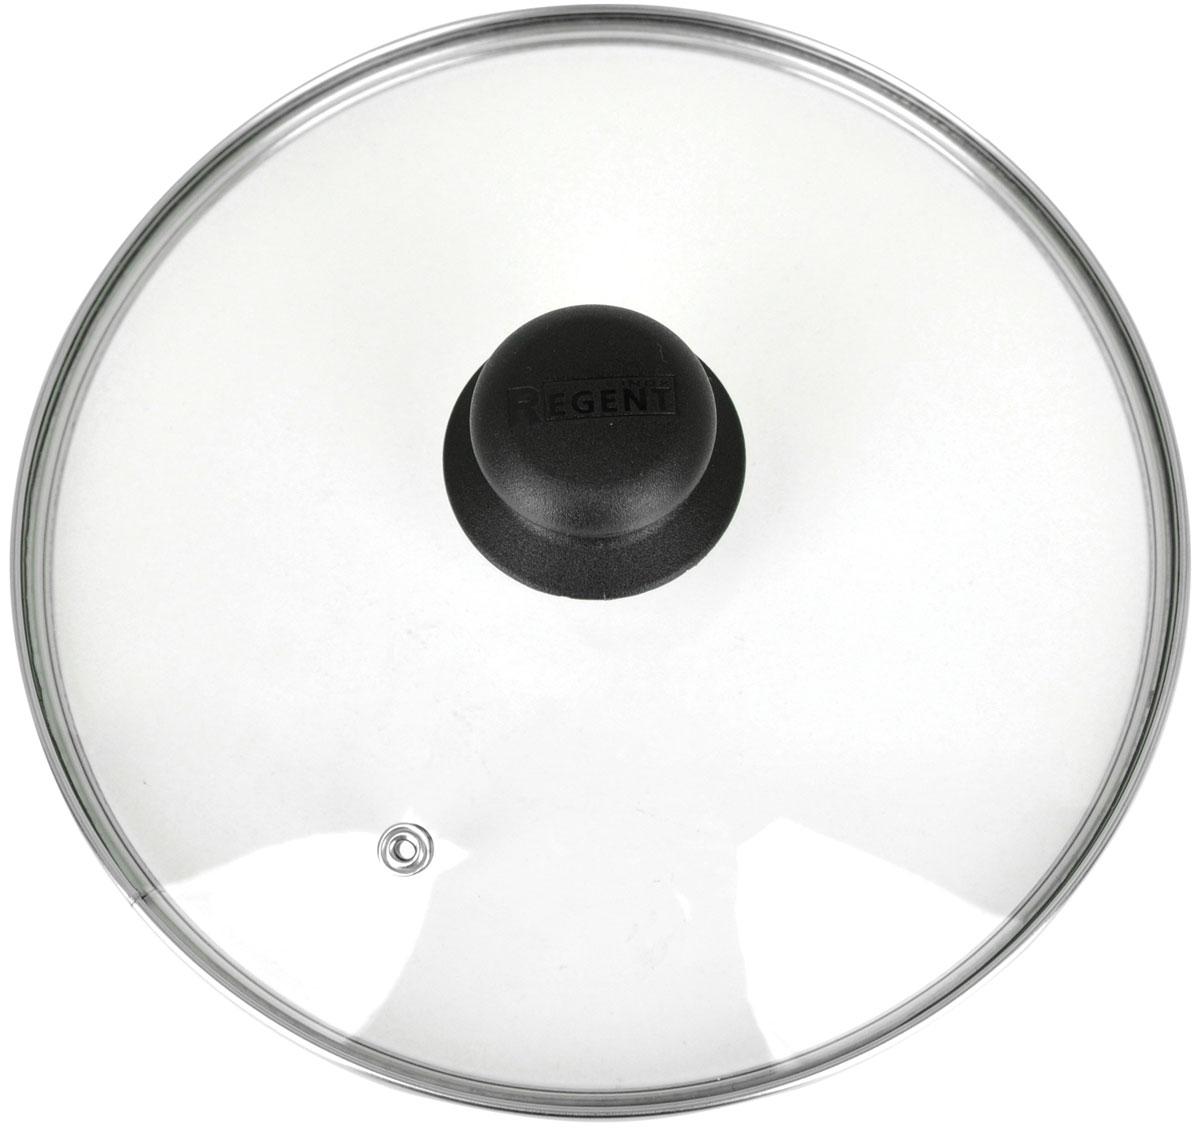 Крышка стеклянная Regent Inox. Диаметр 14 см93-LID-01-14Стеклянная крышка Regent Inox изготовлена из жаропрочного стекла. Металлический обод защищает крышку от повреждений, а ручка-кнопка, выполненная из термостойкого пластика, защищает ваши руки от высоких температур. Крышка удобна в использовании, позволяет контролировать процесс приготовления пищи. Имеется отверстие для выпуска пара. Характеристики: Материал: стекло, металл, пластик. Диаметр крышки: 14 см. Размер упаковки: 15 см х 15 см х 1,5 см.